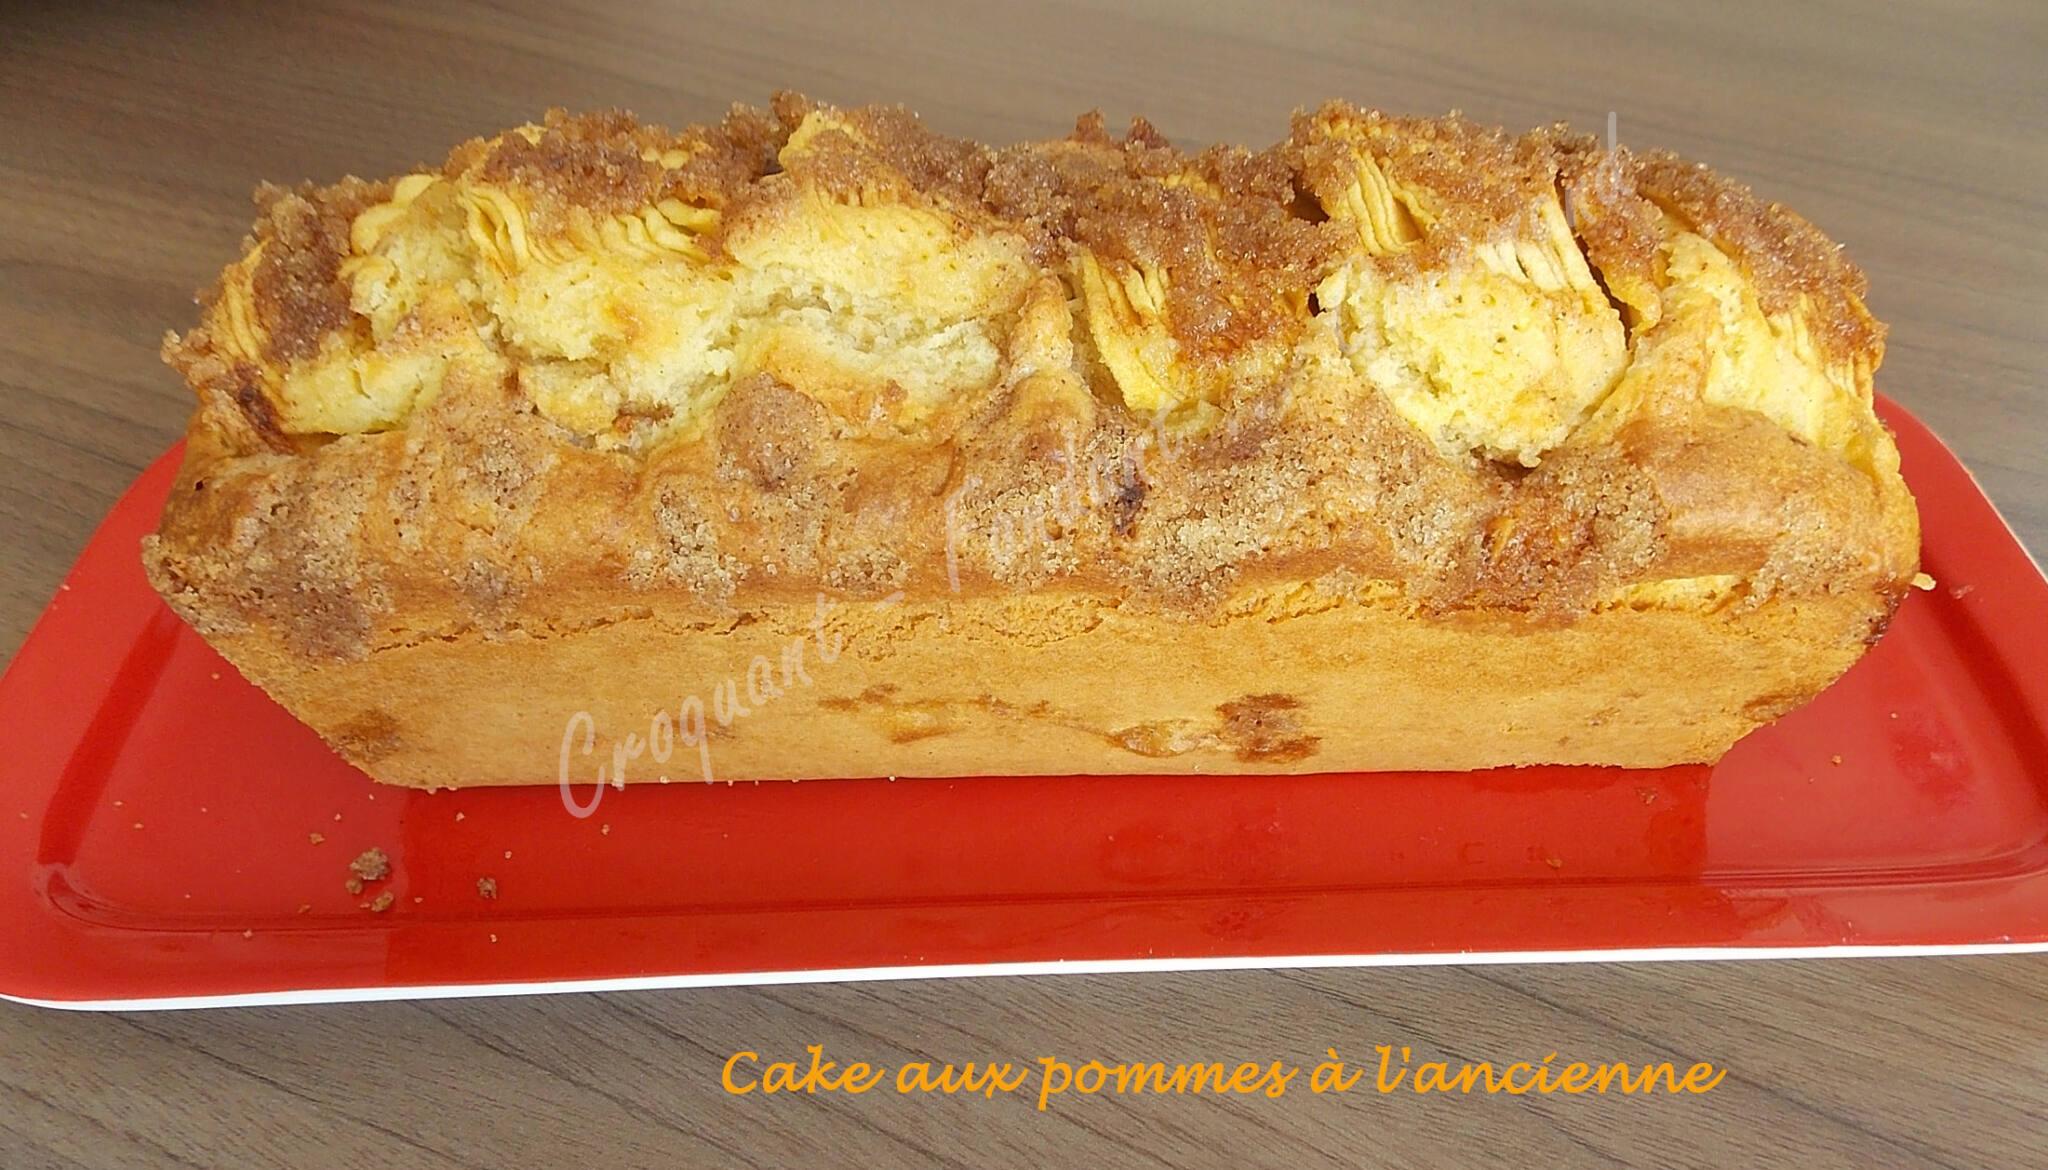 Cake aux pommes l 39 ancienne recettes autour d 39 un ingr dient 22 croquant fondant gourmand - Recette mojito fraise pour 10 personnes ...